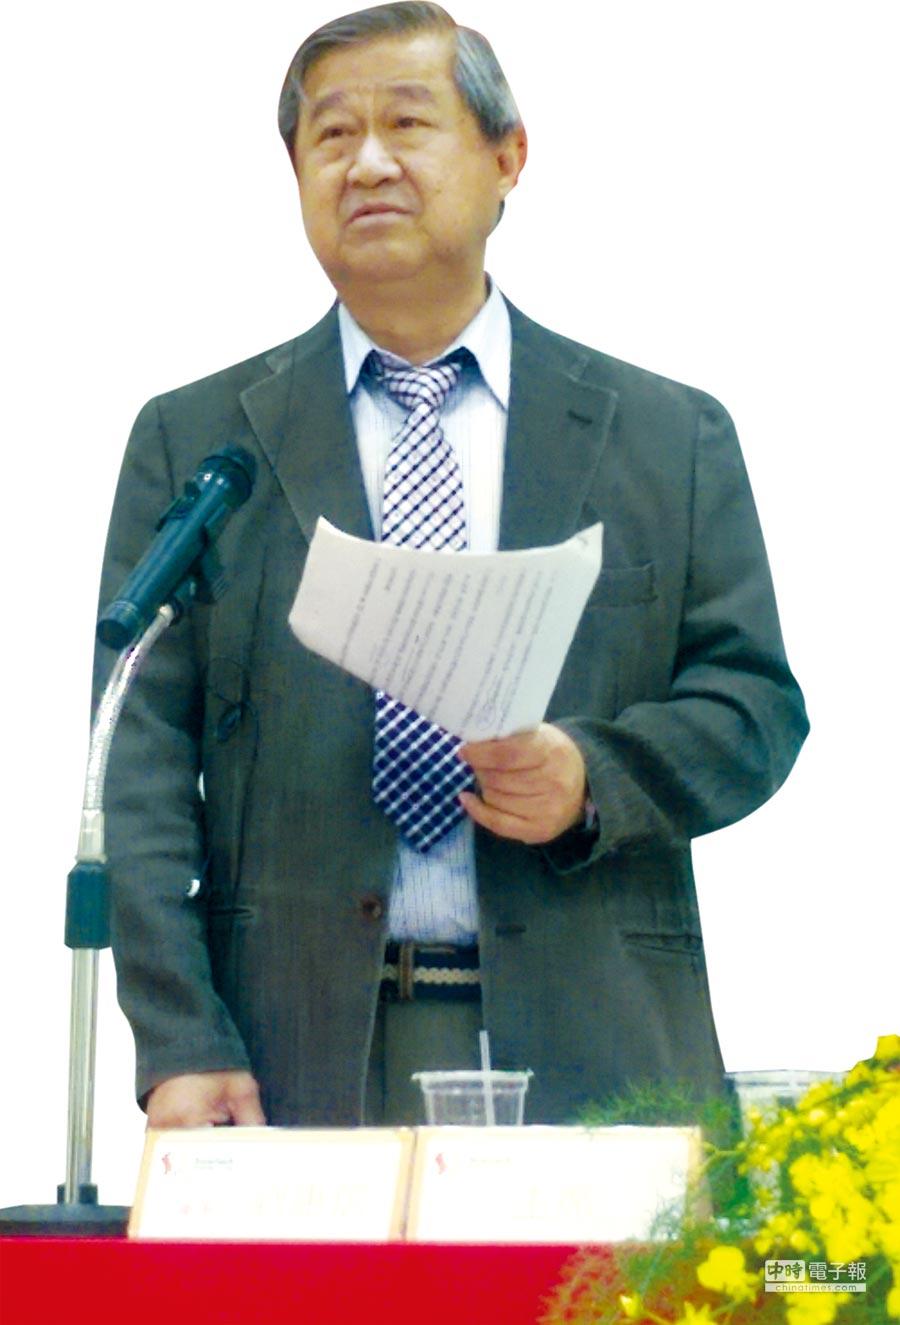 昇陽科董座劉康信